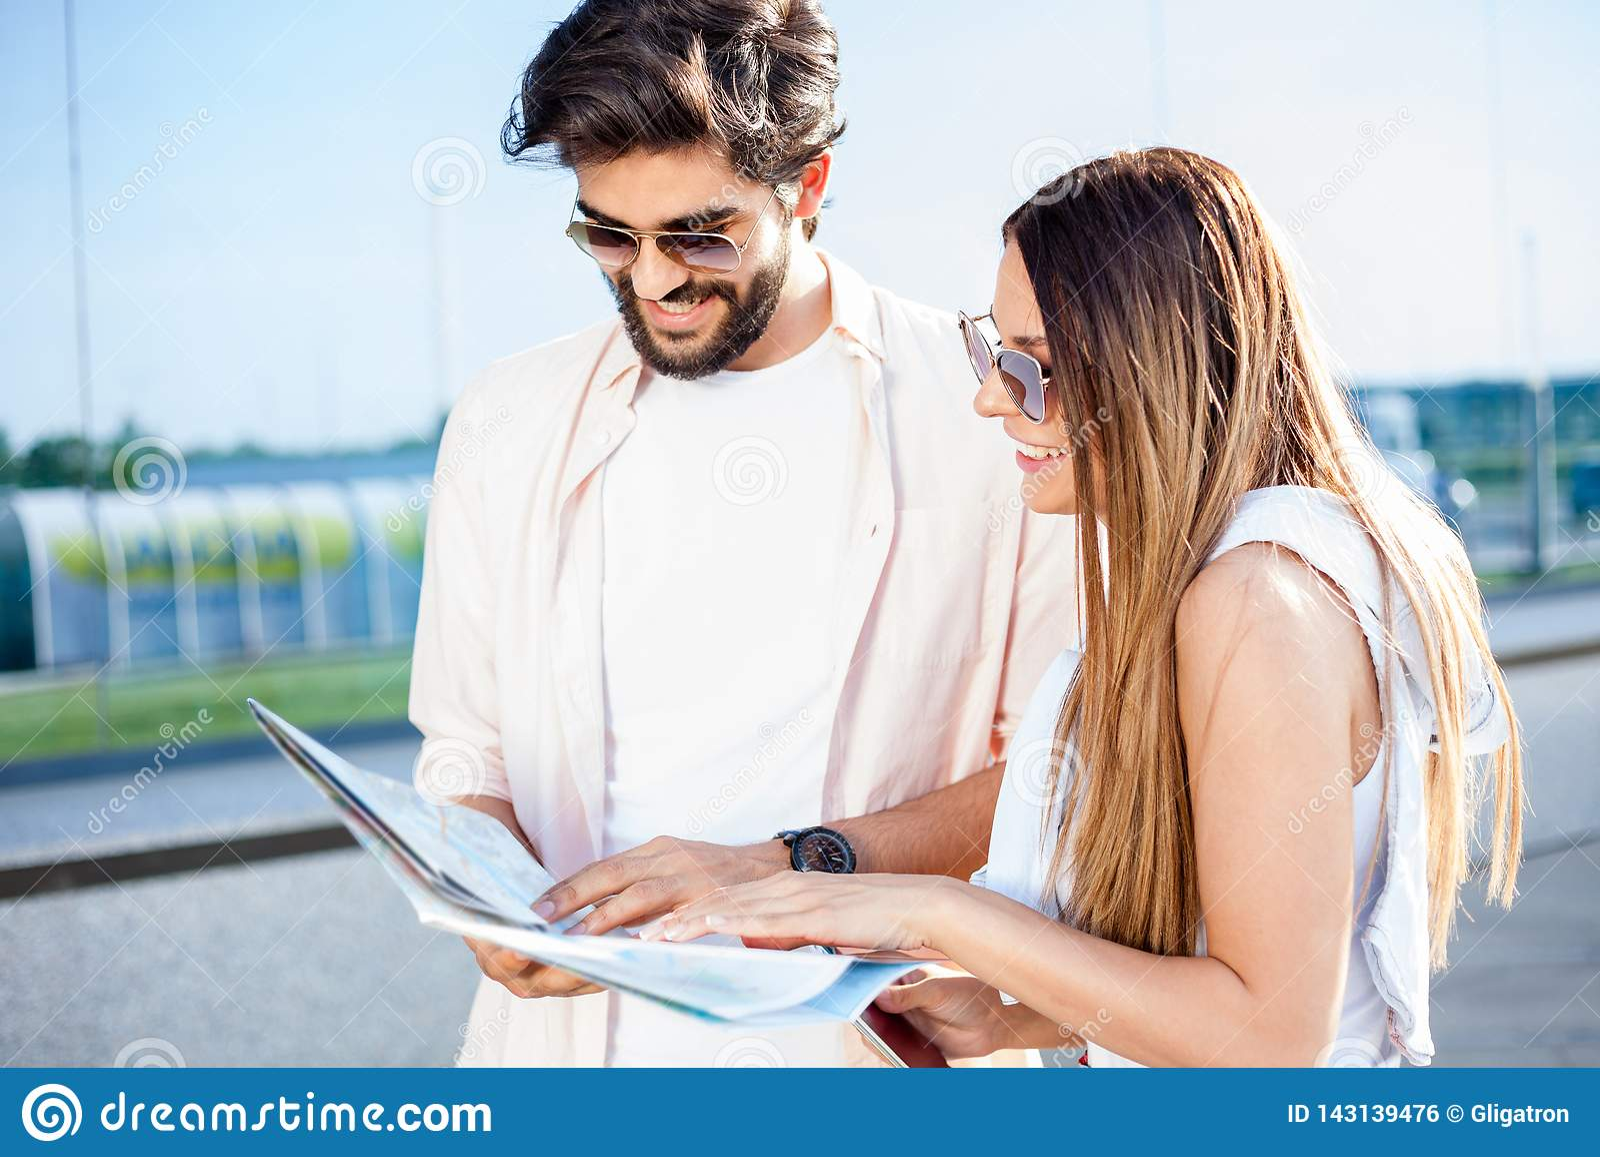 Счастливые молодые пары смотря карту и ища направлений